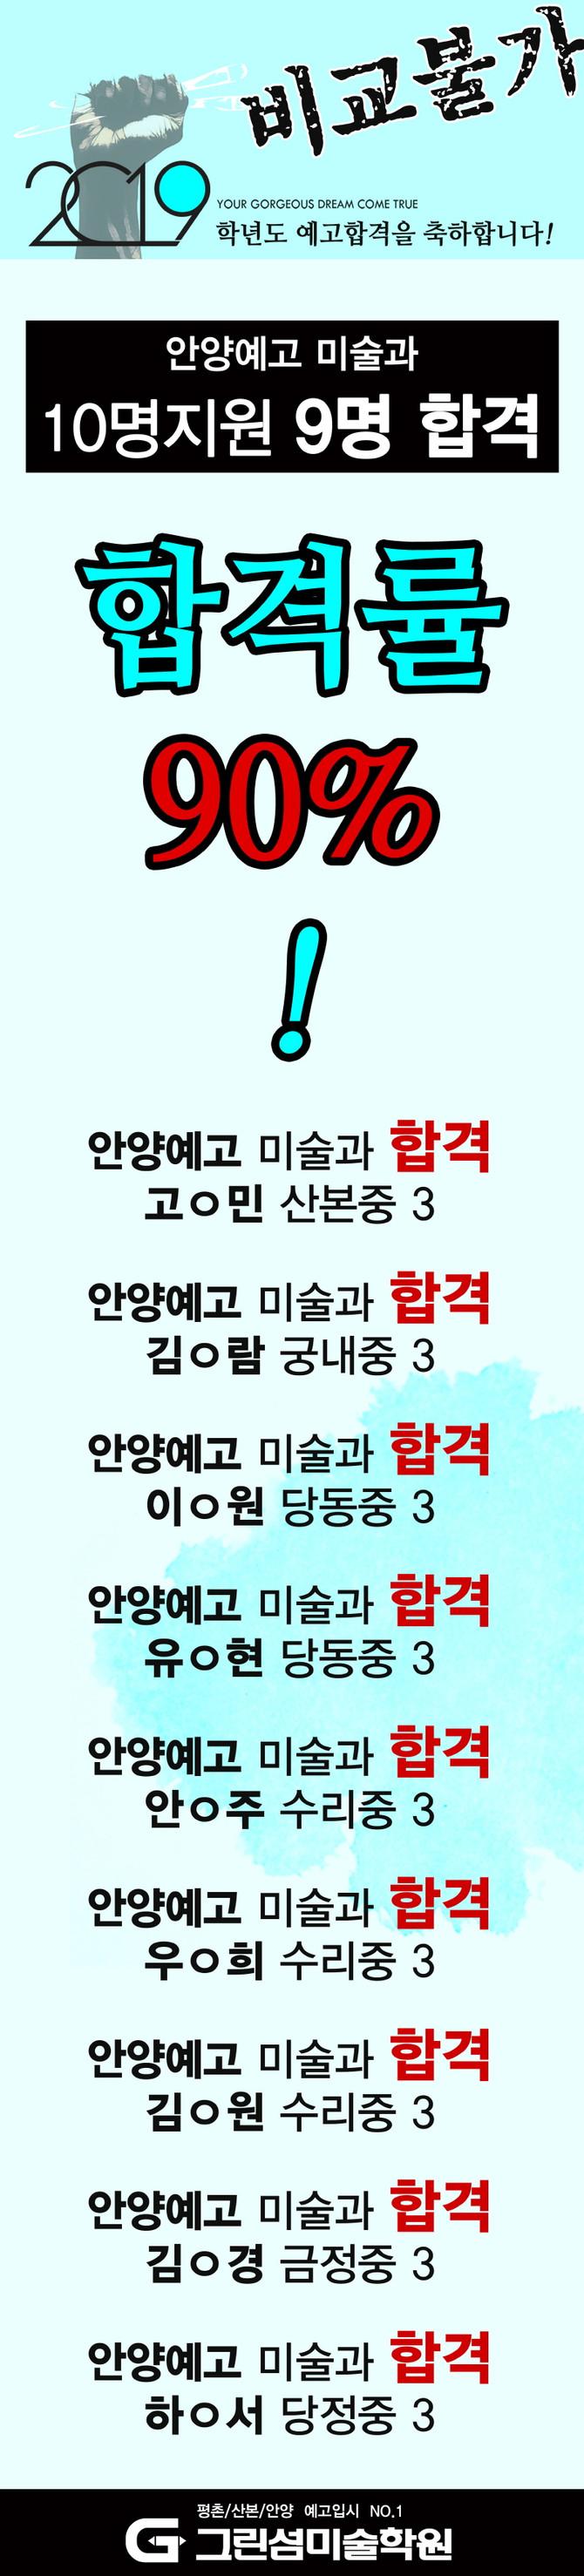 2019 안양예고 10명지원 9명합격!!